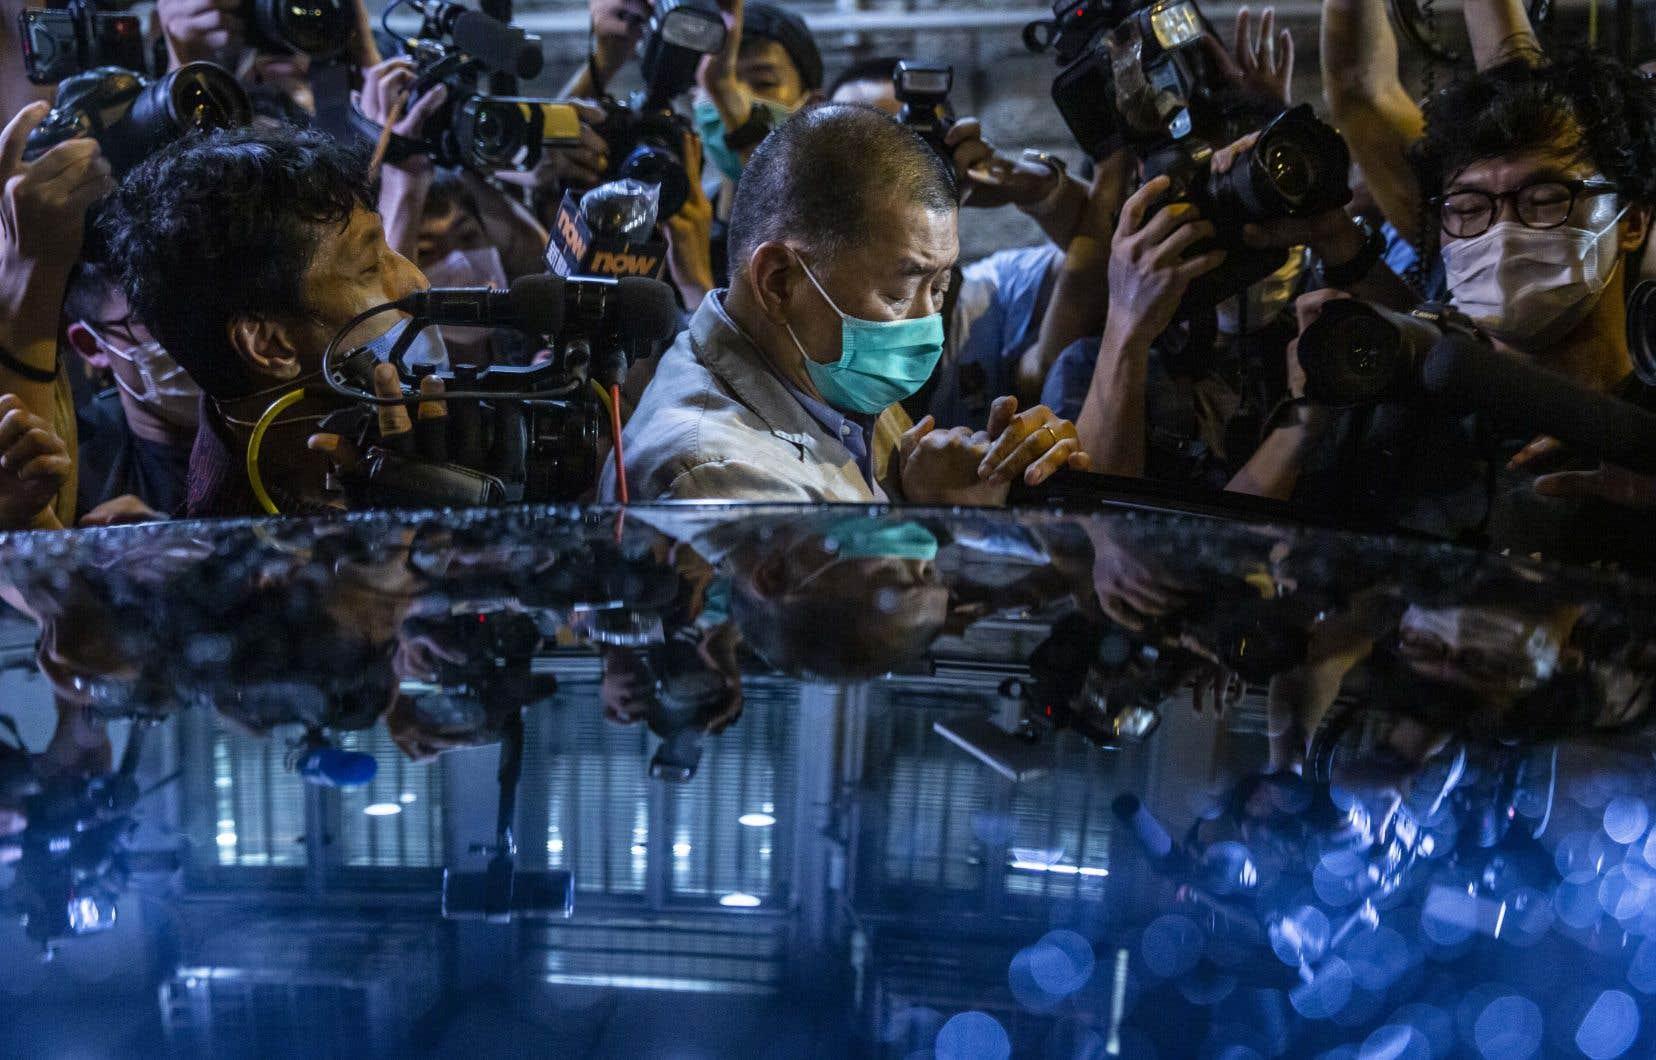 Détenu pendant 40heures avant d'être libéré sous caution, l'homme de 71ans est rapidement retourné dans la salle de rédaction du média sous l'acclamation du personnel.